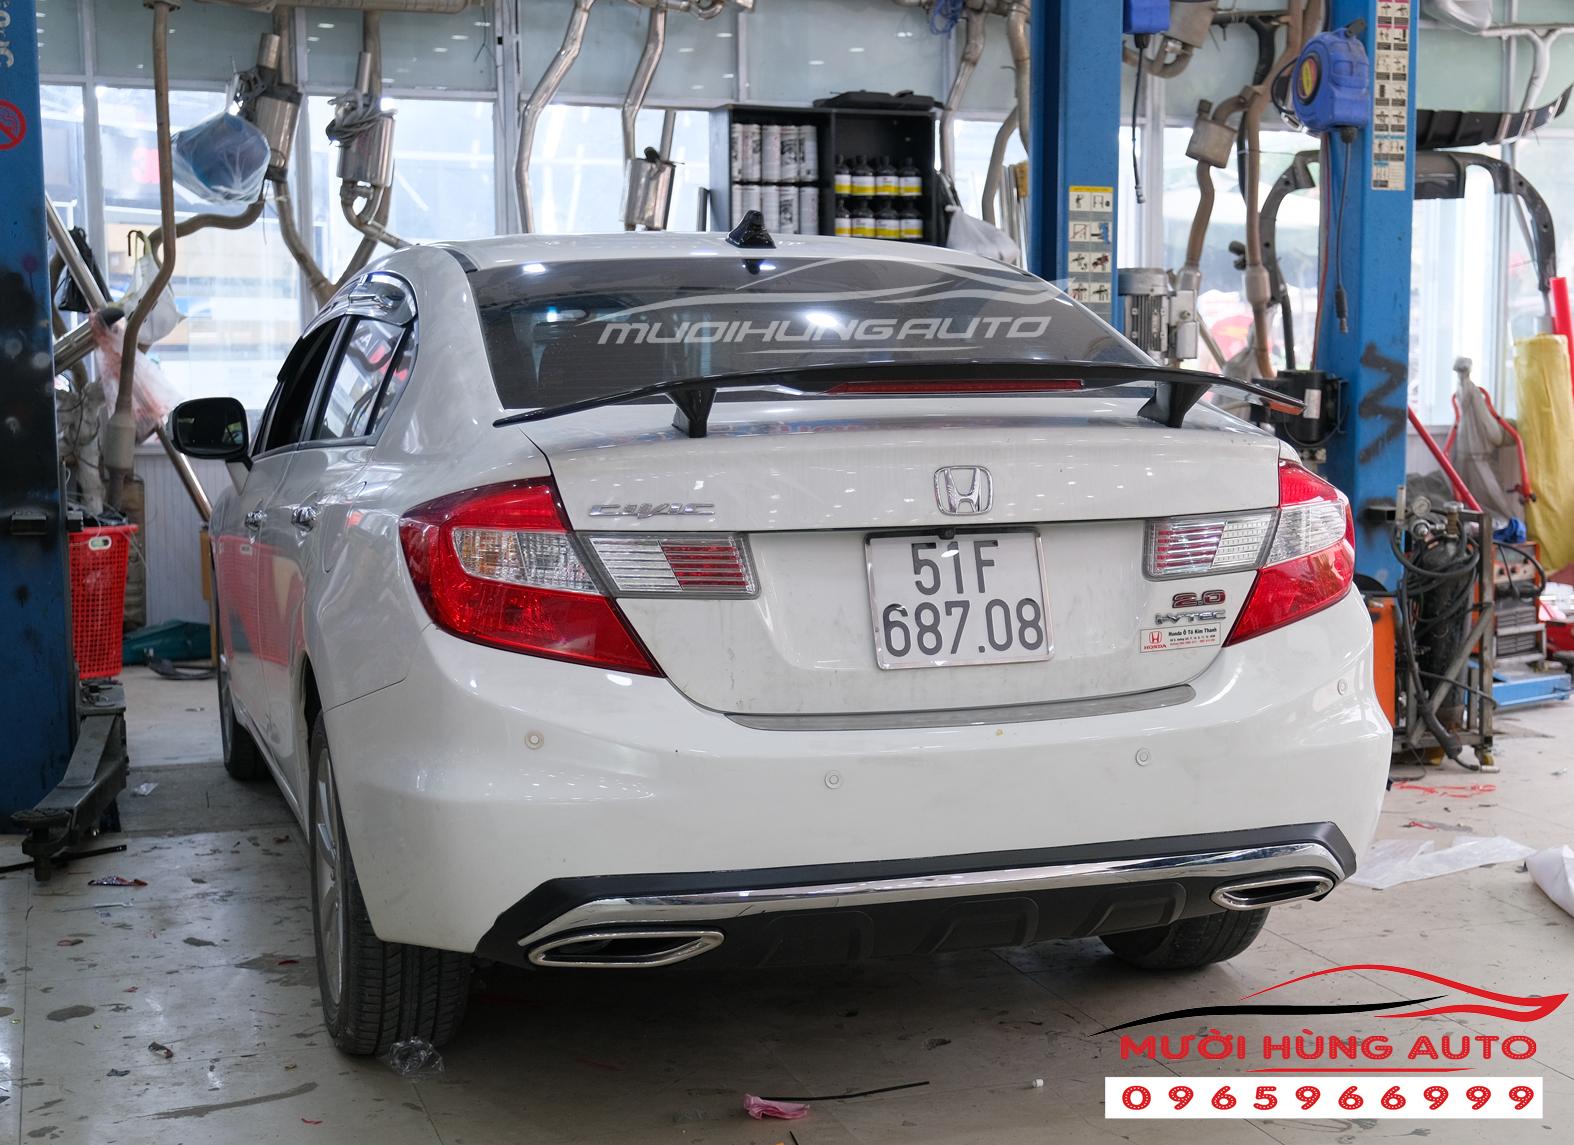 Độ pô và gắn đuôi cá Honda Civic 2012 mẫu Mer GLC